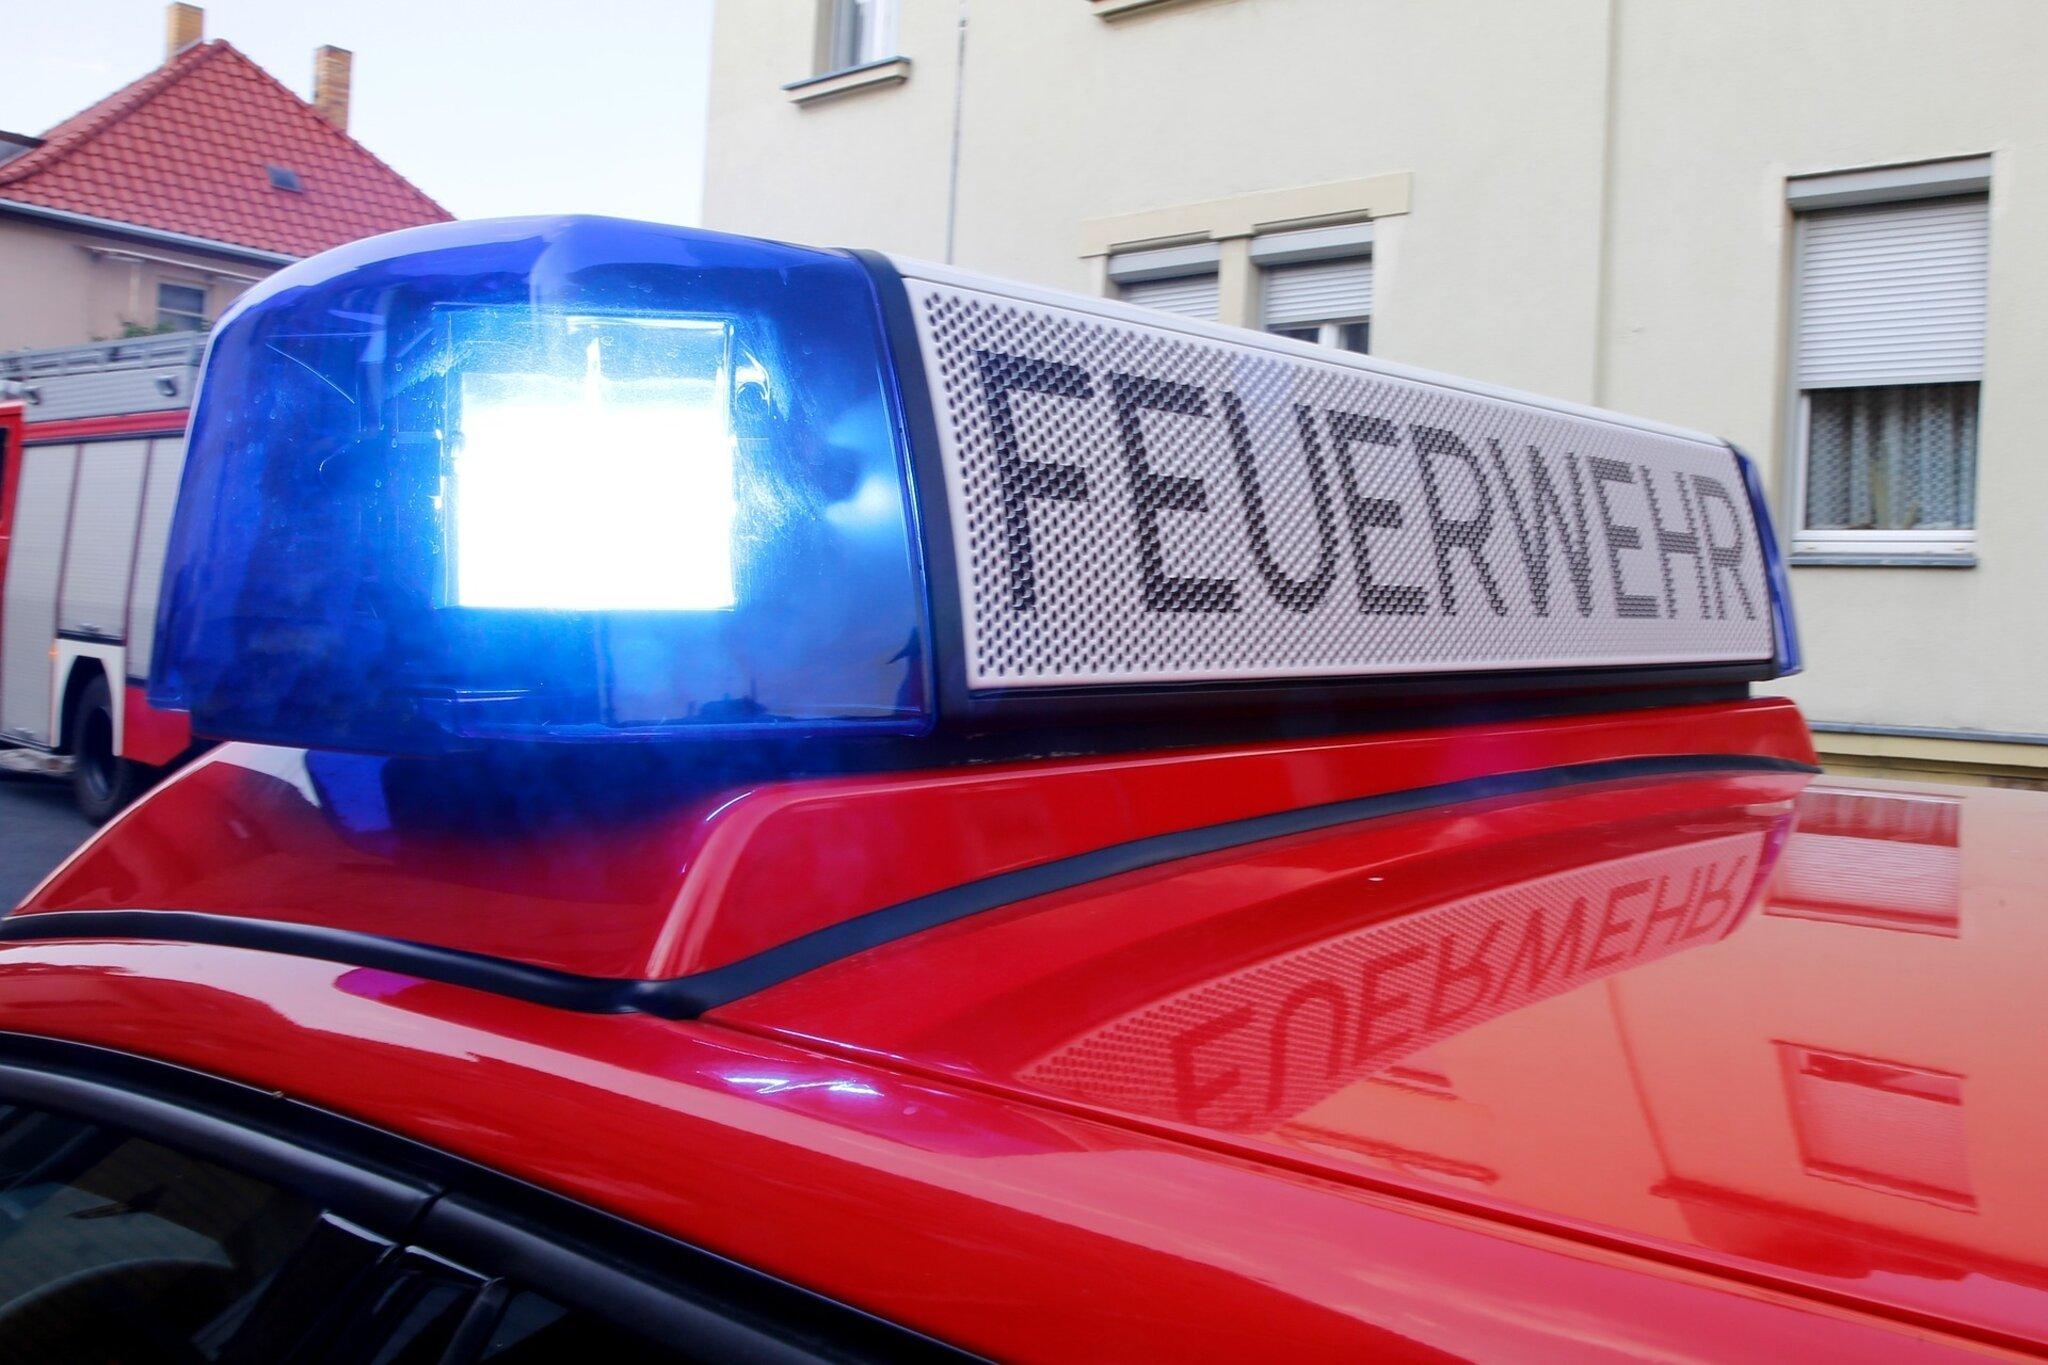 Feuerwehr-und-Rettungsdienst-im-Gro-einsatz